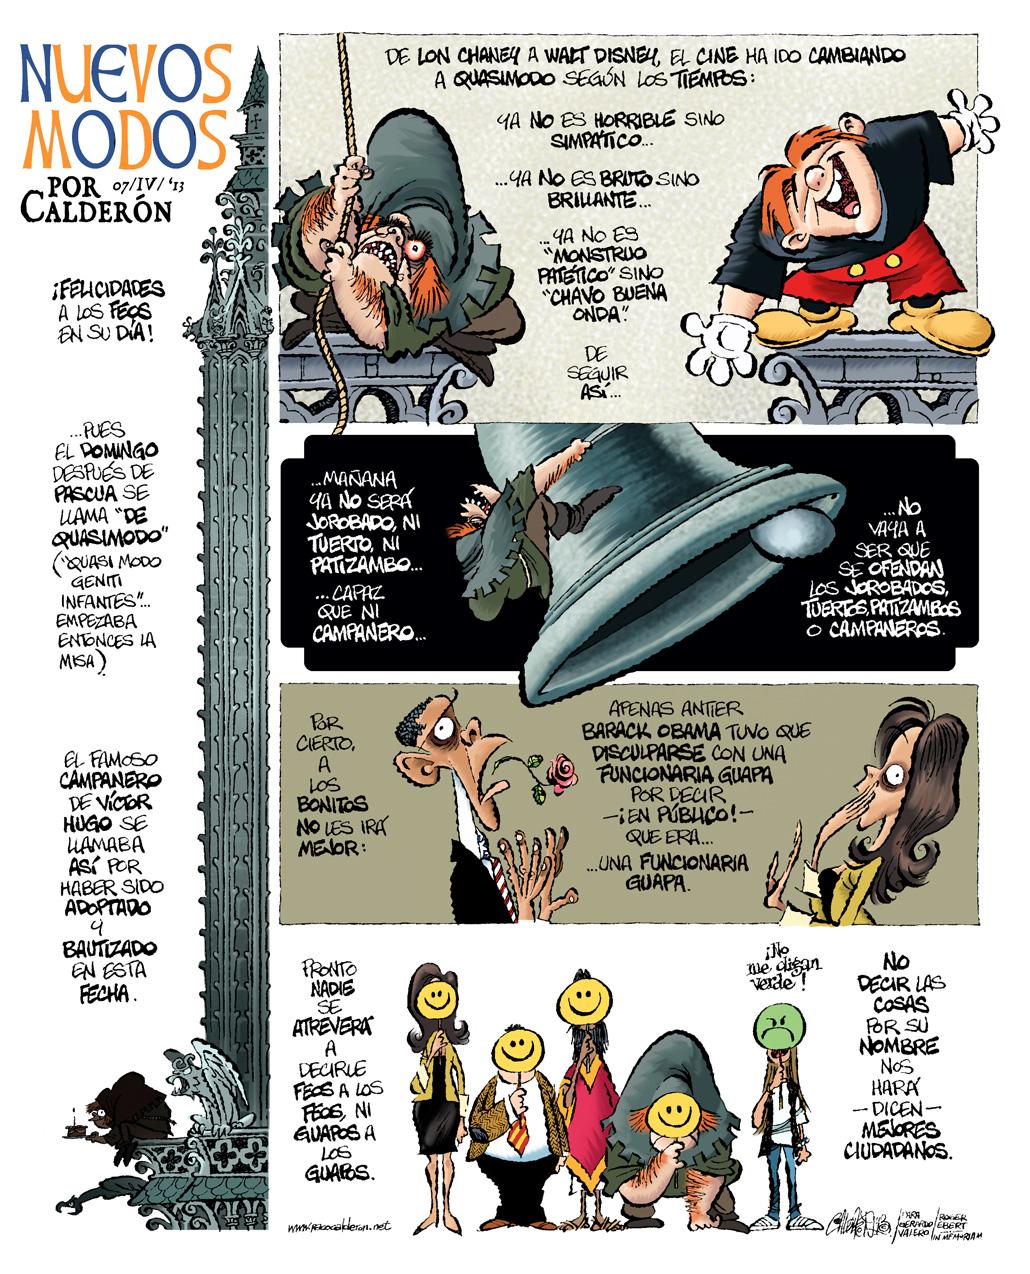 Nuevos modos... - Calderón